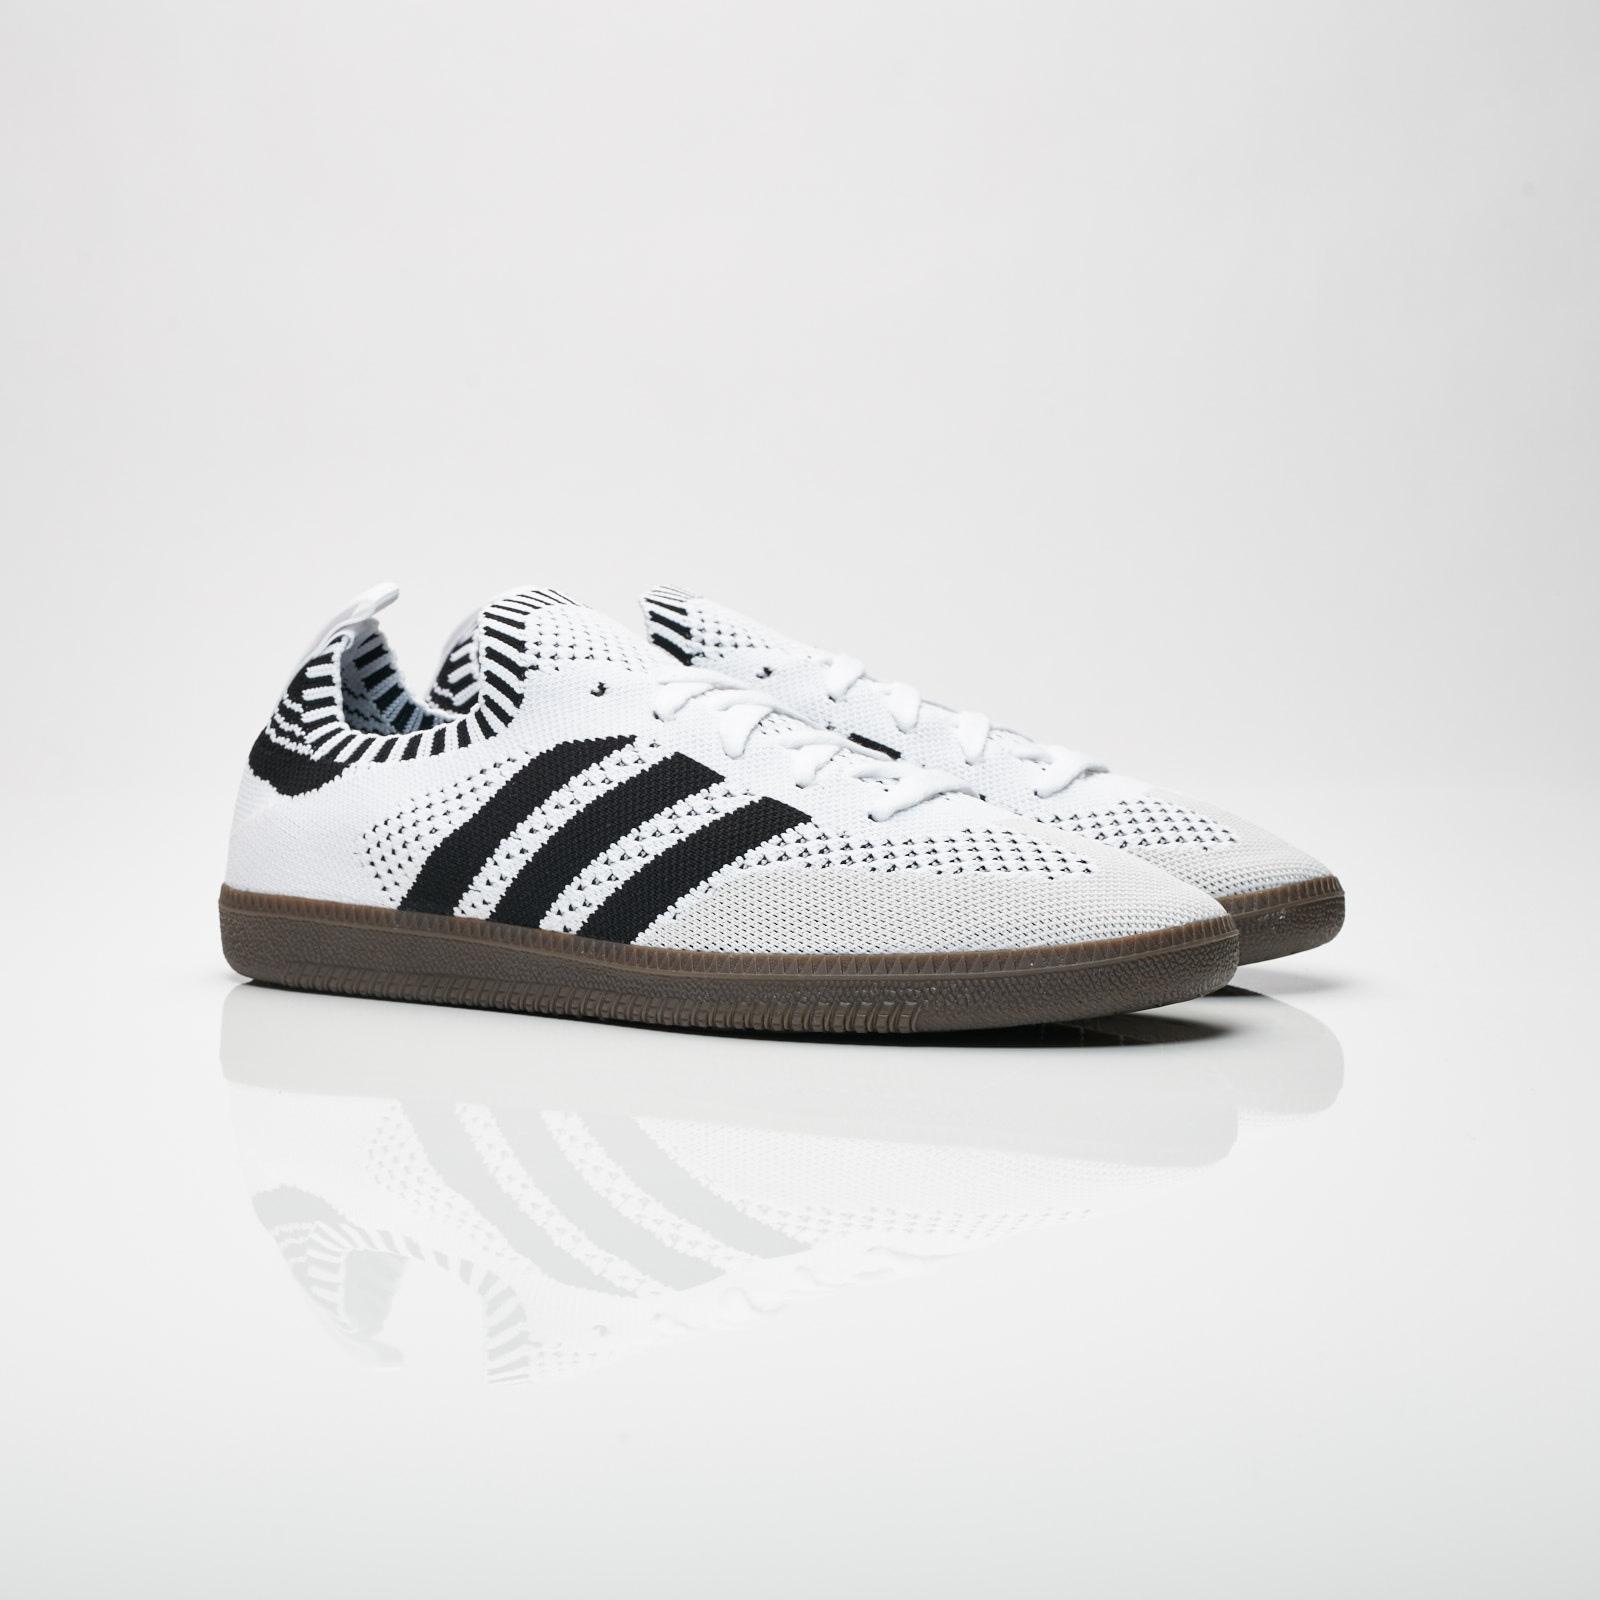 adidas Samba PK ock sneakers